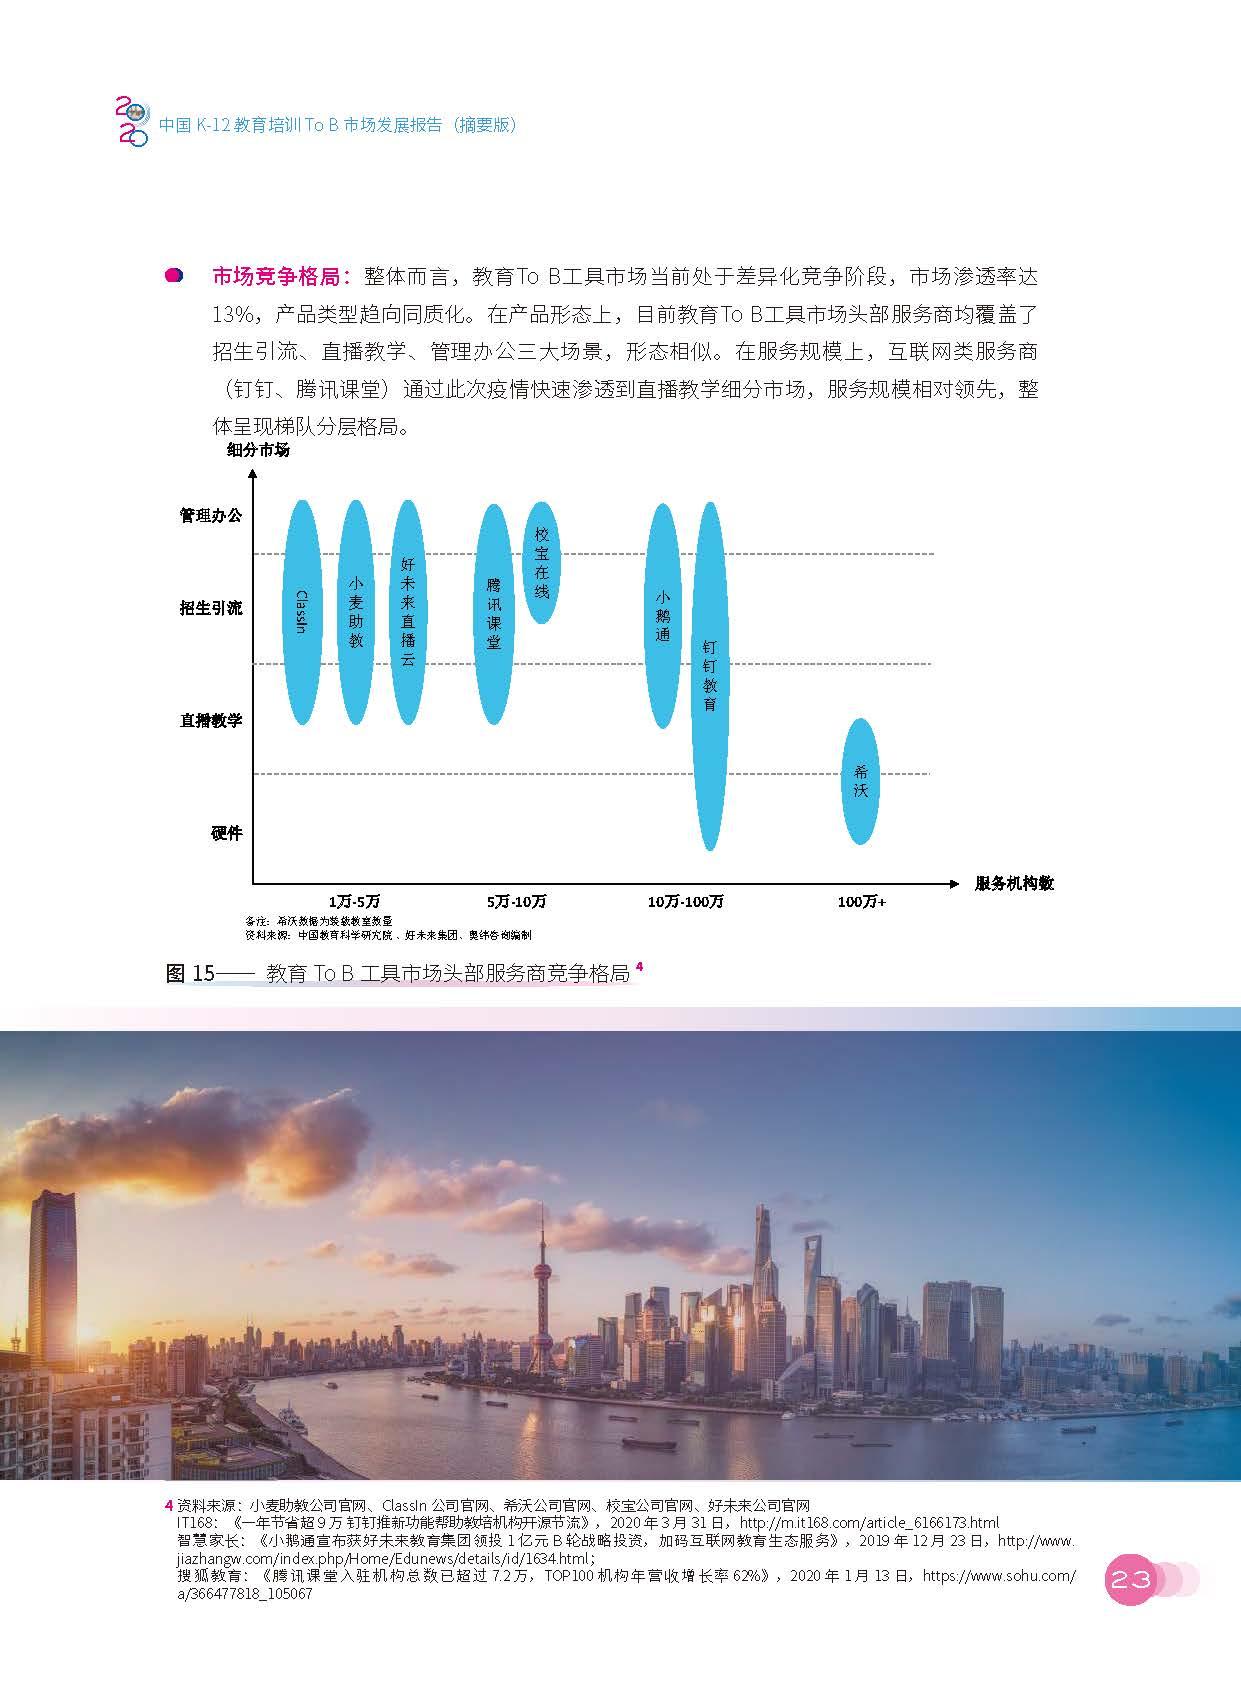 中国教育科学研究院:2020中国K~12教育培训To B市场发展报告(56页)_页面_26.jpg